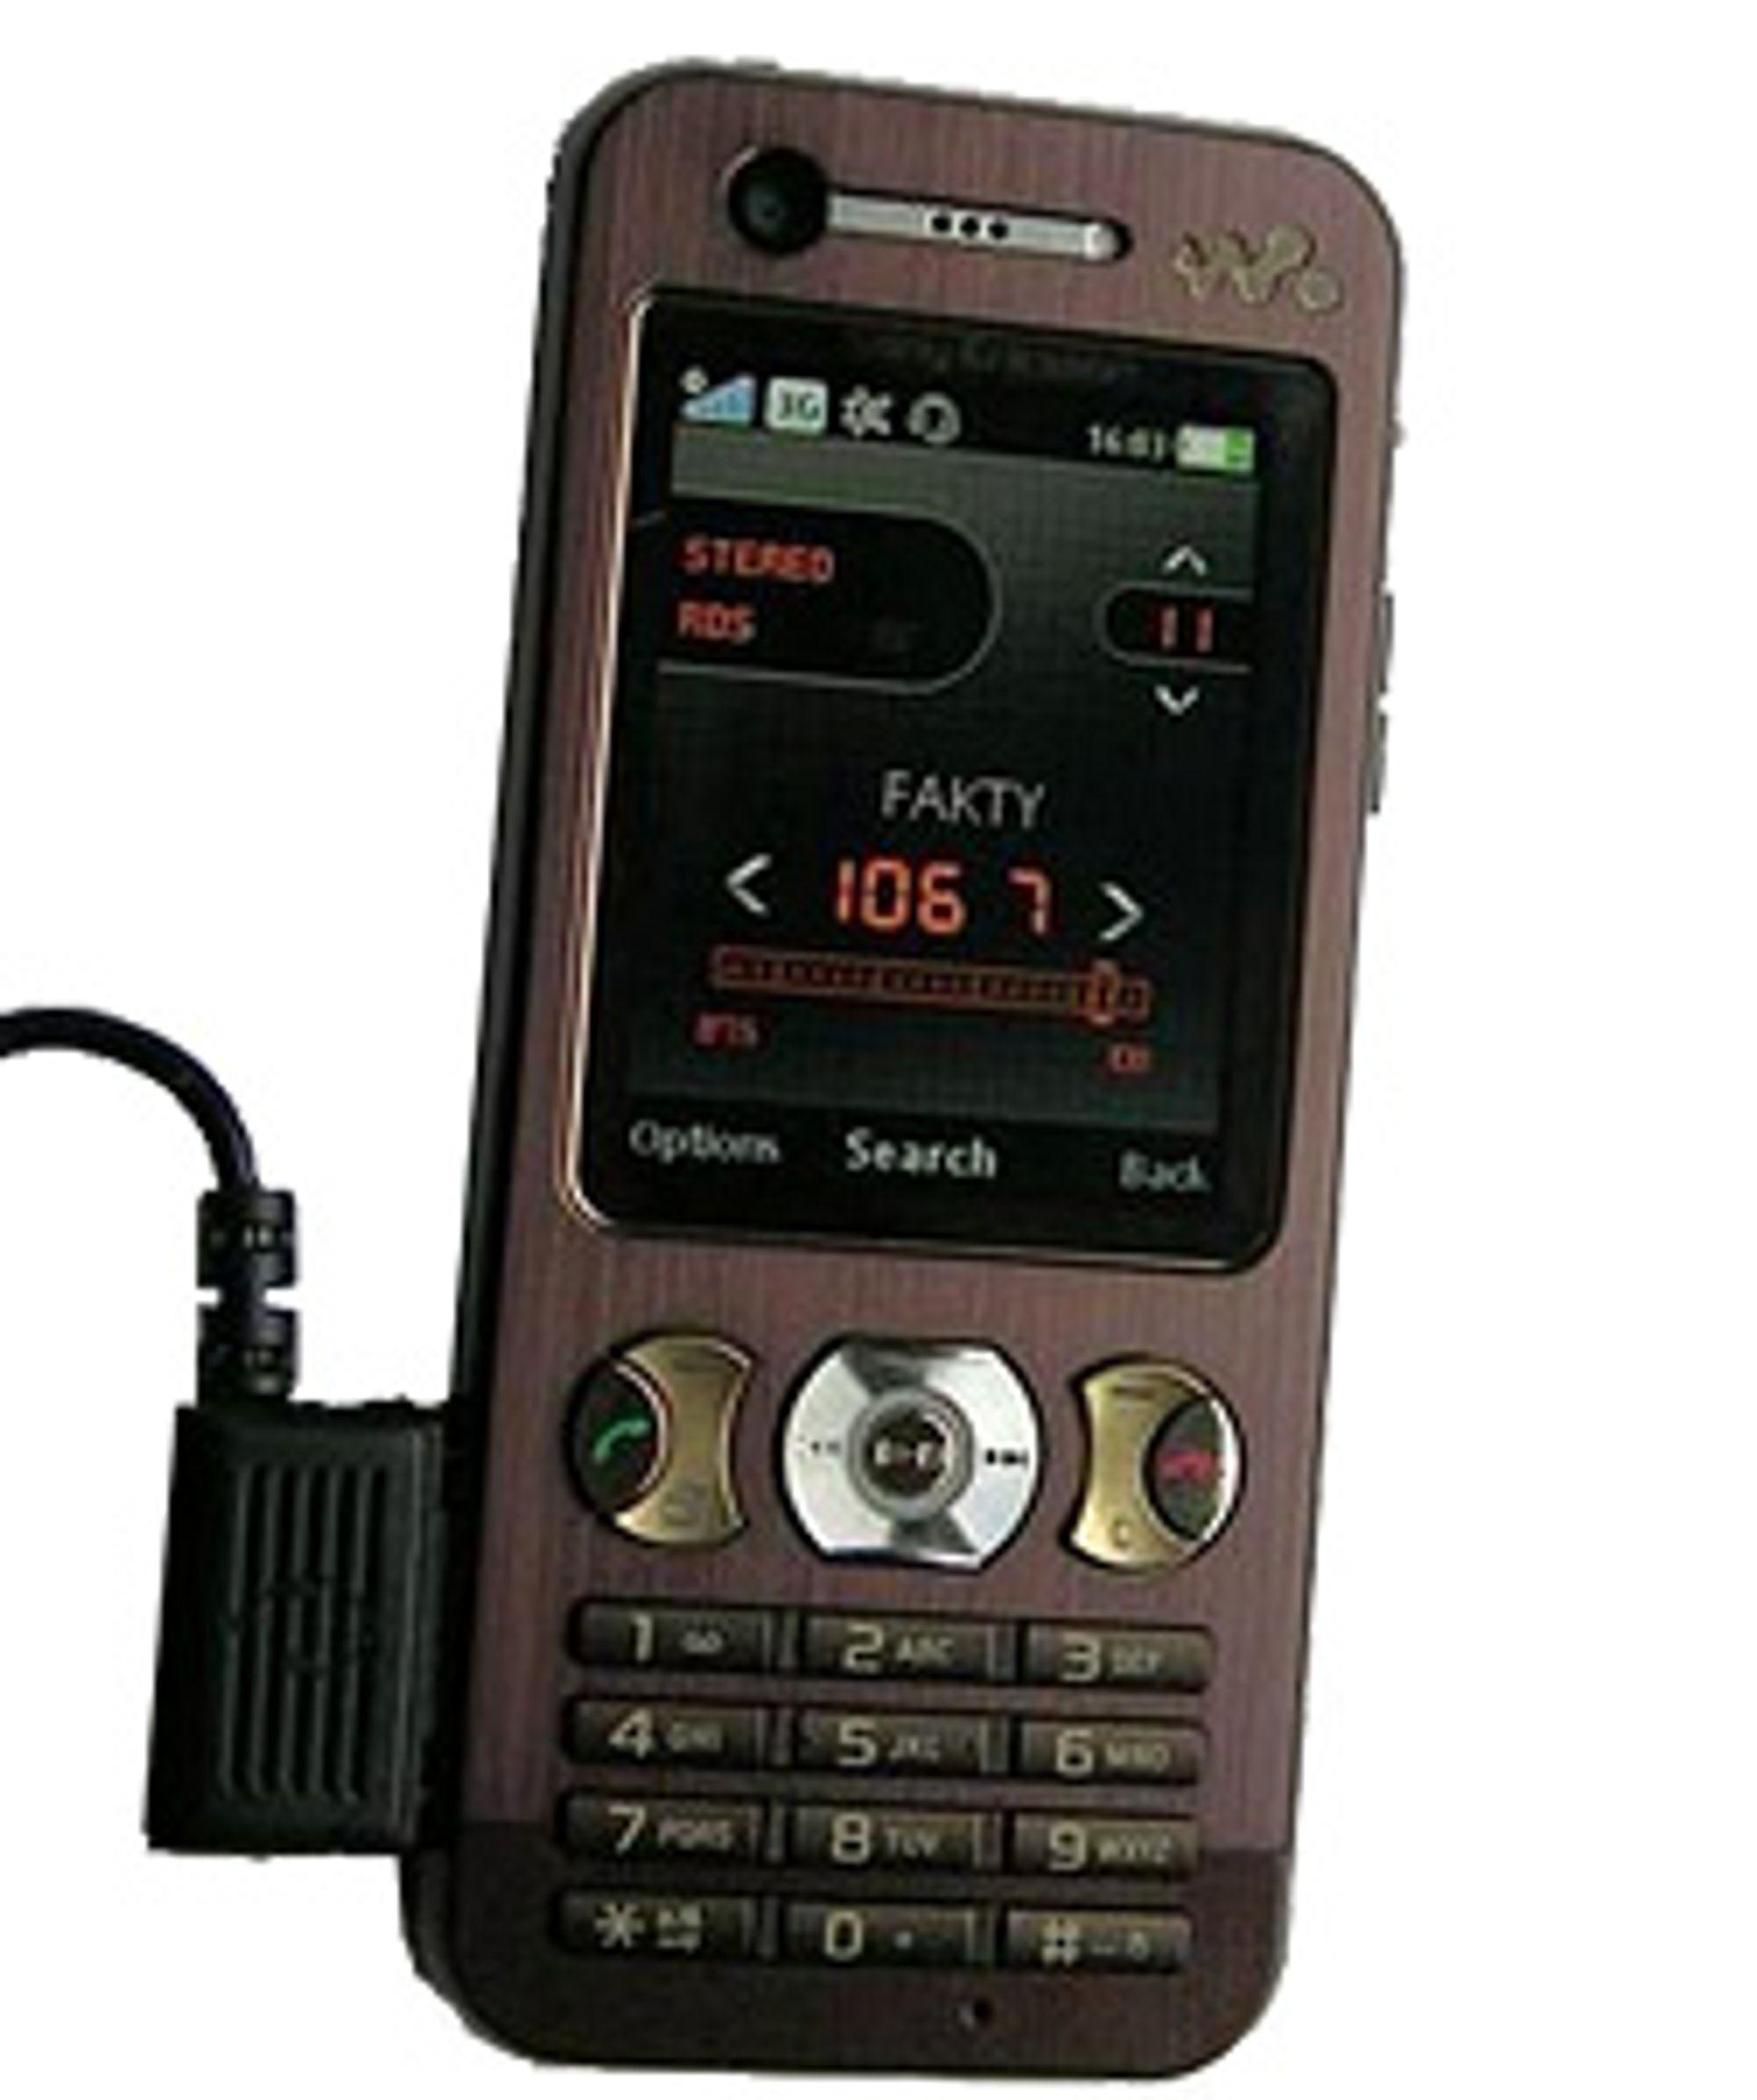 Kameraet på fremsiden viser at W890i er en 3G-mobil.